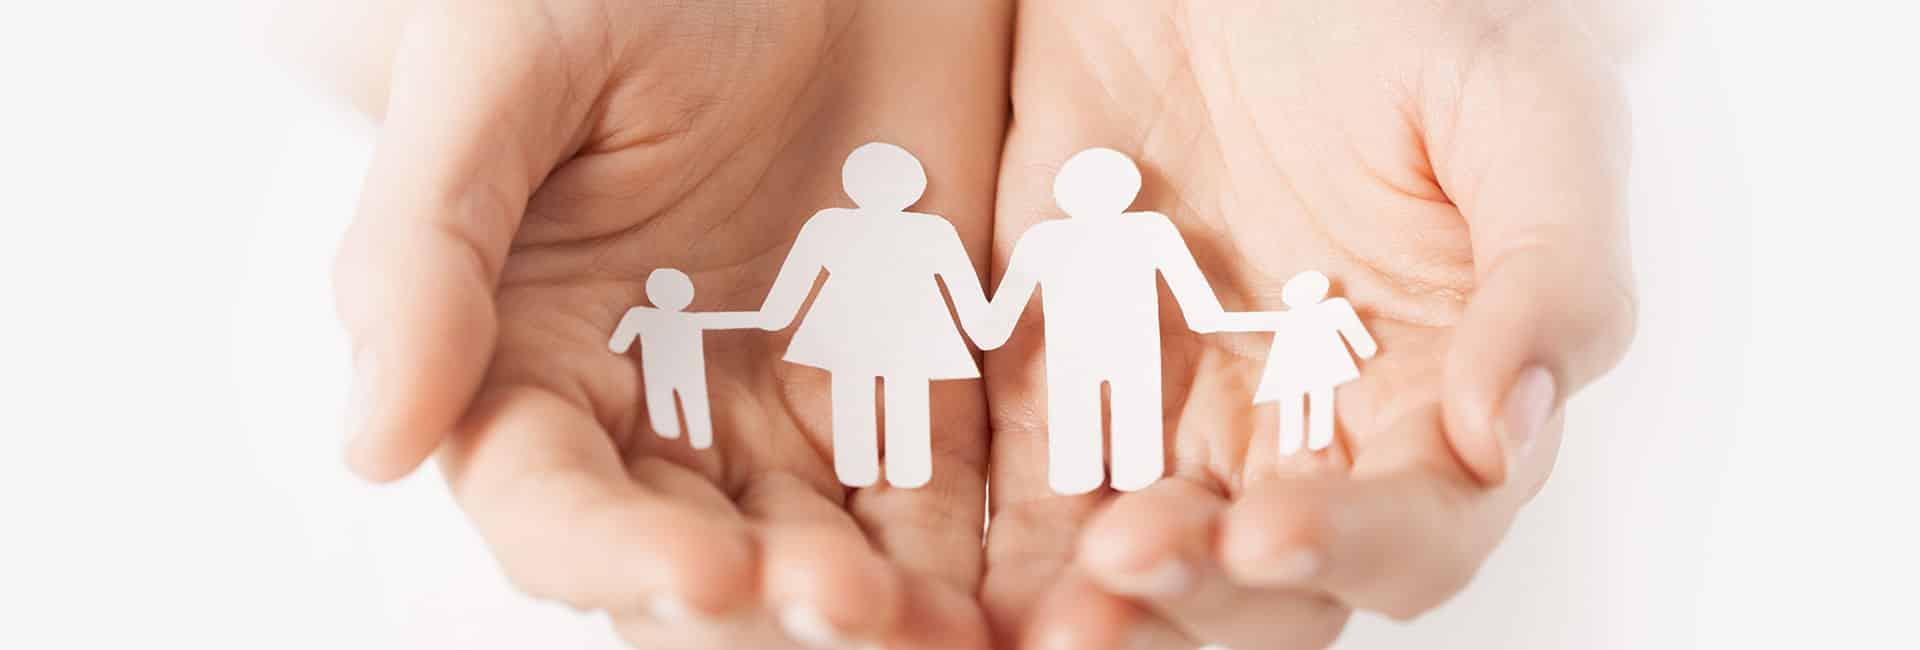 Συμβουλευτική Γονέων – H Μη βίαιη Αντίσταση